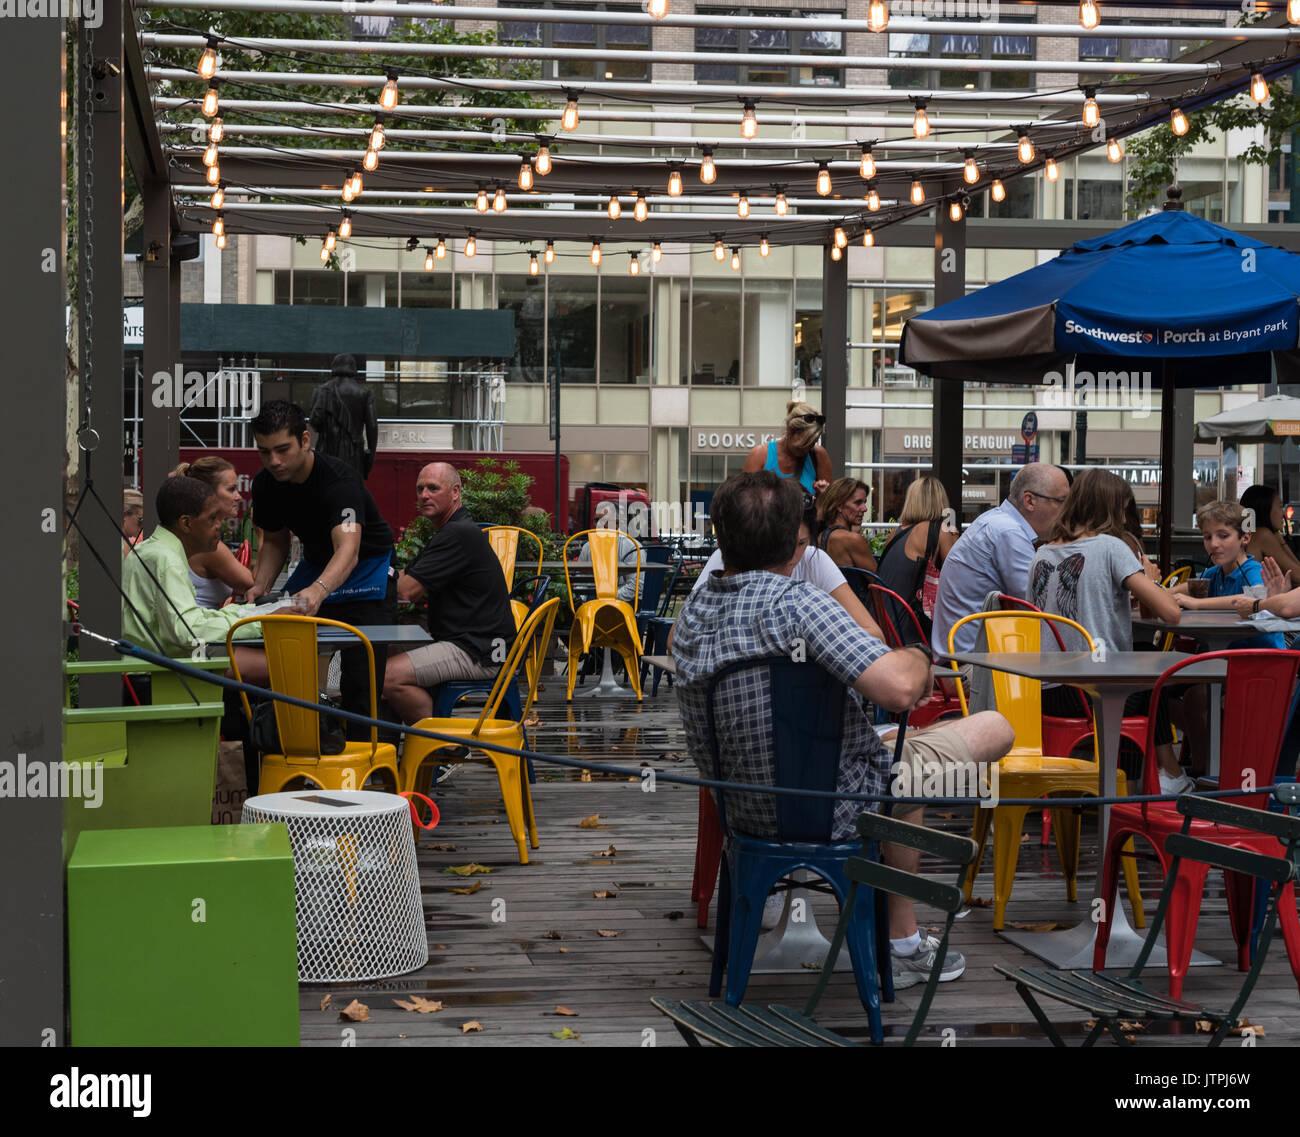 Freunde und Familien für Snacks und Gespräch an einer im Cafe im Bryant Park, New York City. Redaktionelle Verwendung. Stockbild